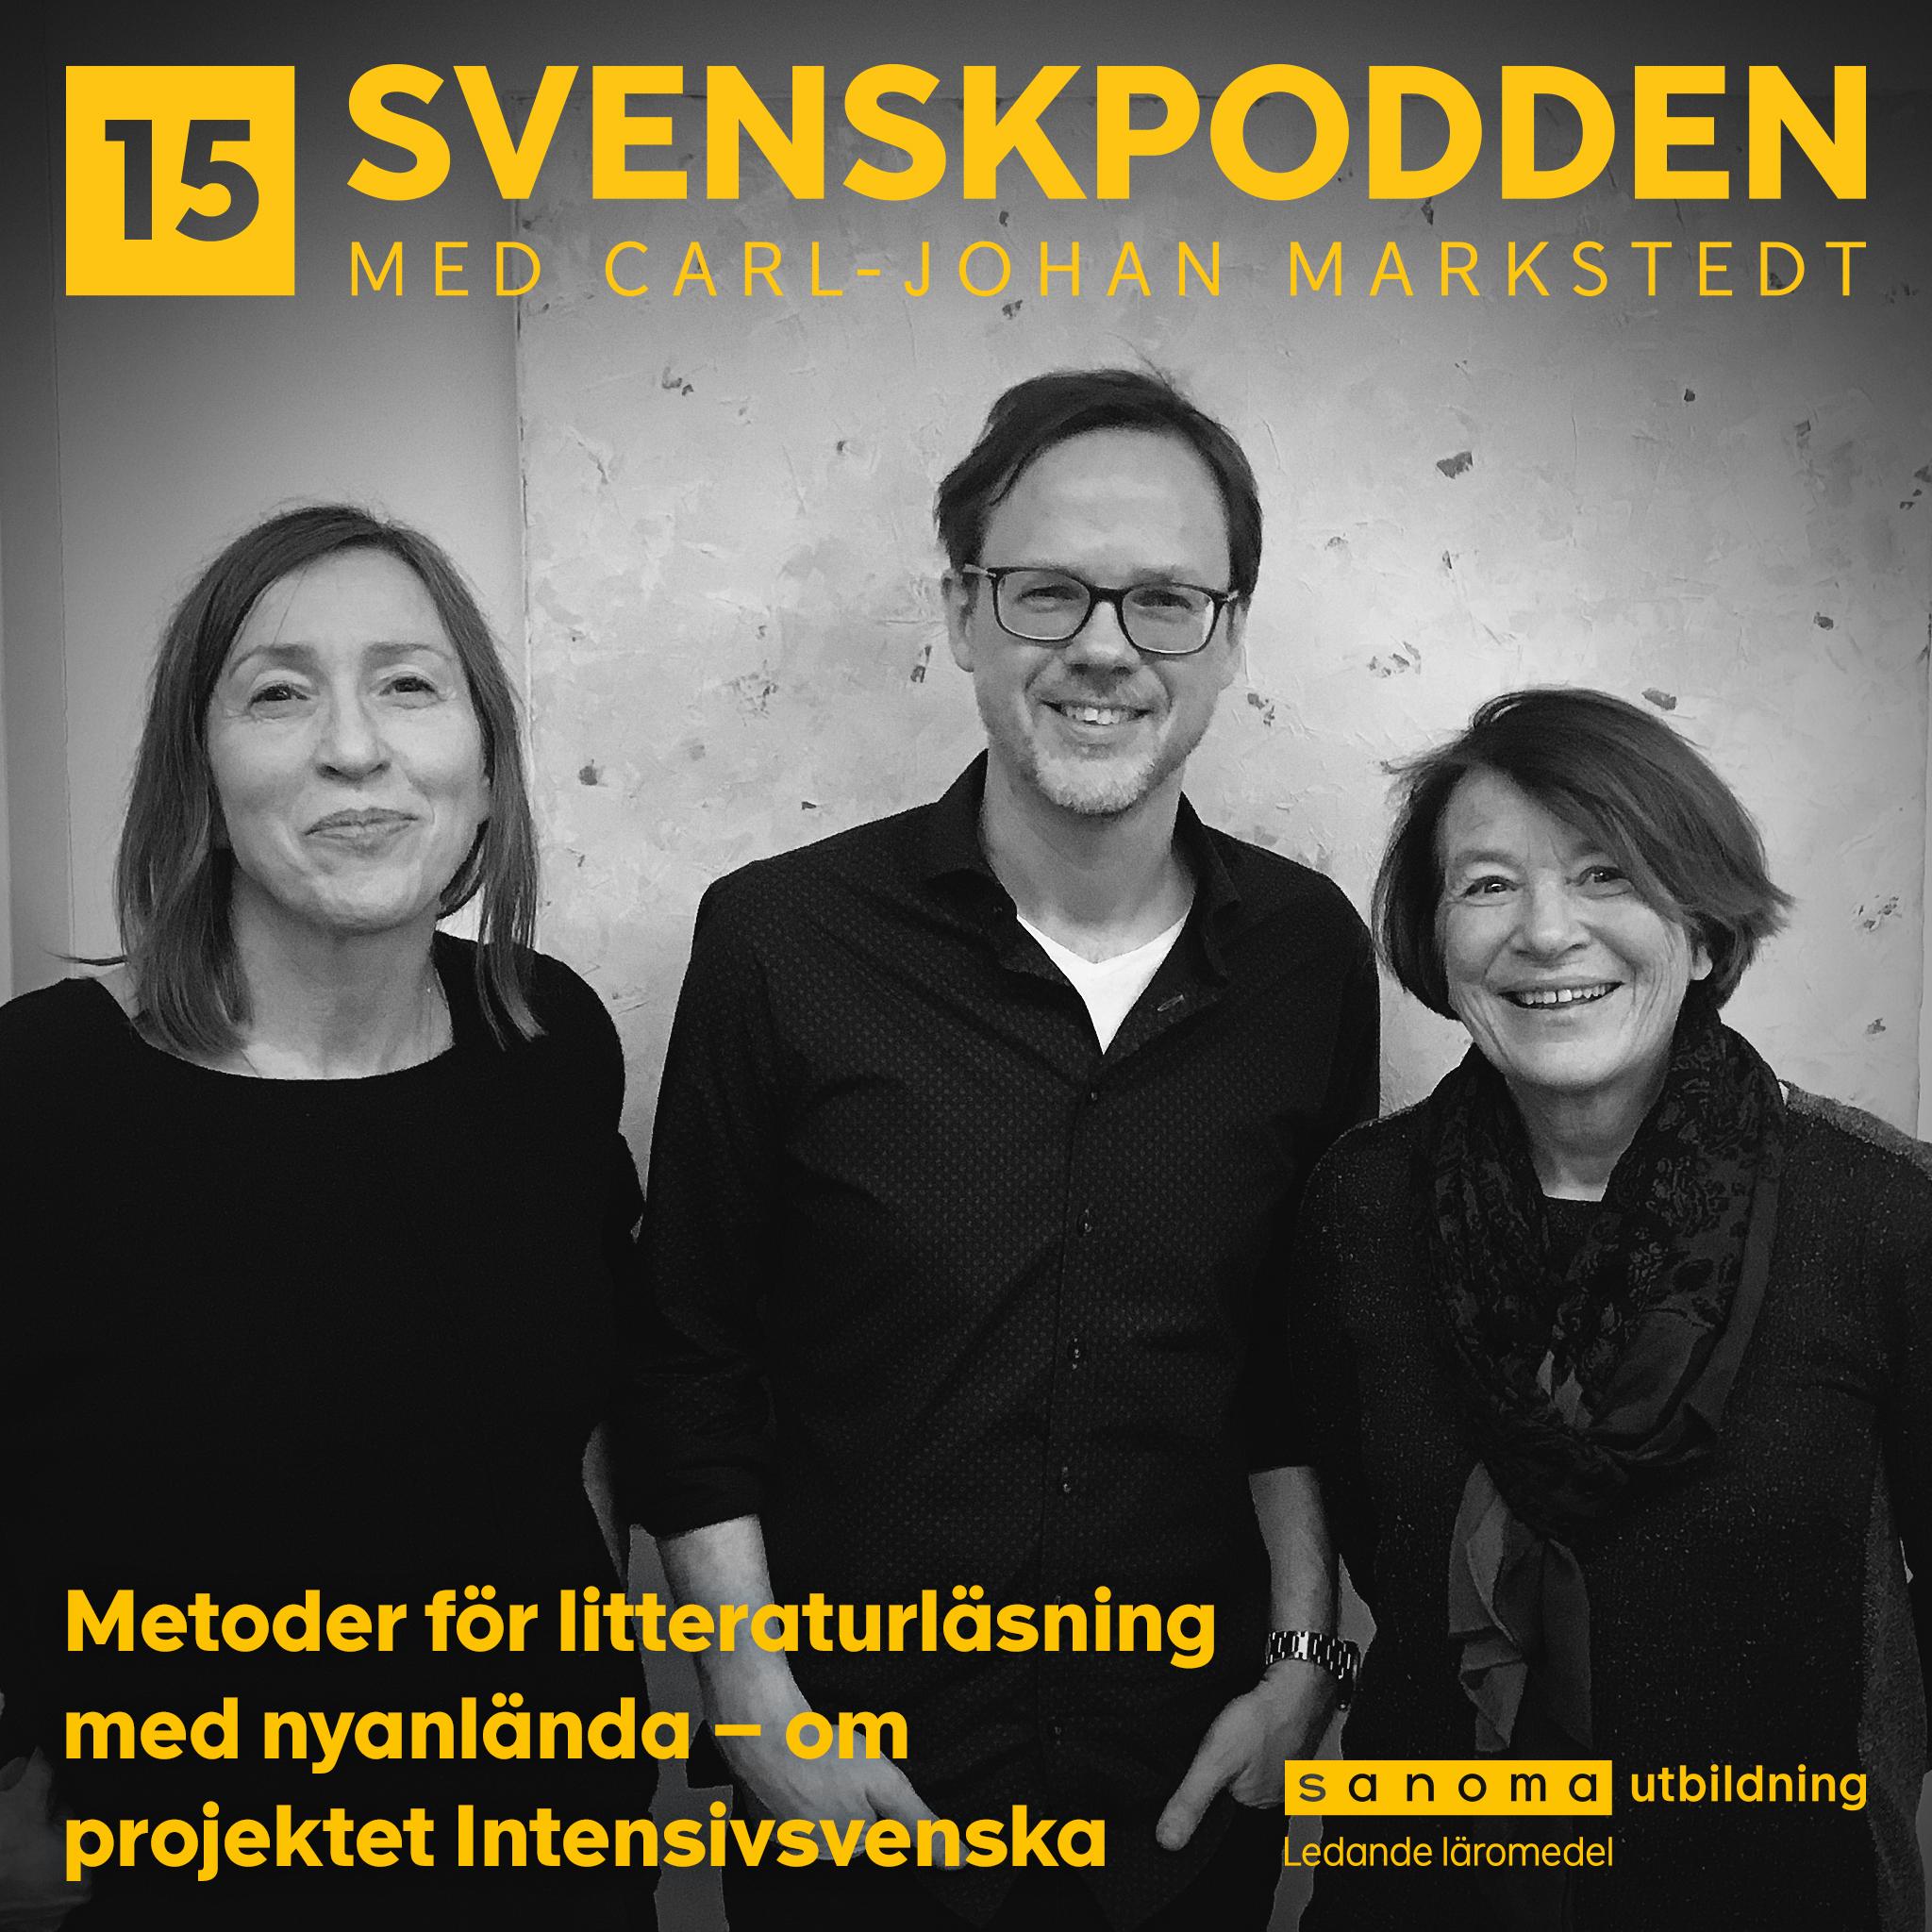 Svenskpodden med Carl-Johan Markstedt